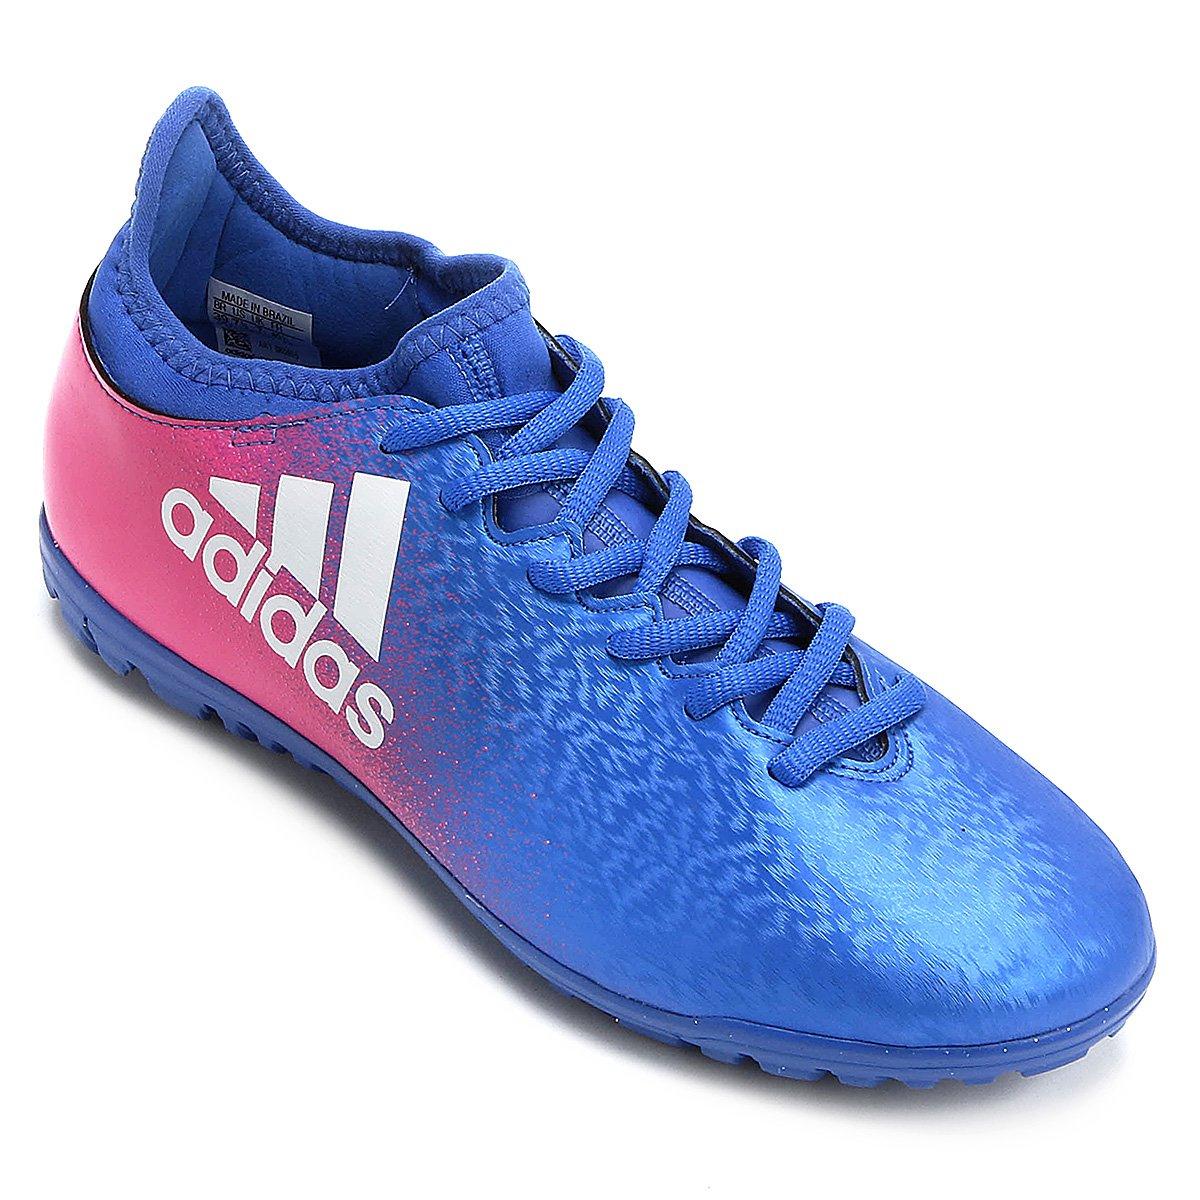 cheap for discount 33edb 660e9 Chuteira Society Adidas X 16 3 TF - Compre Agora   Netshoes